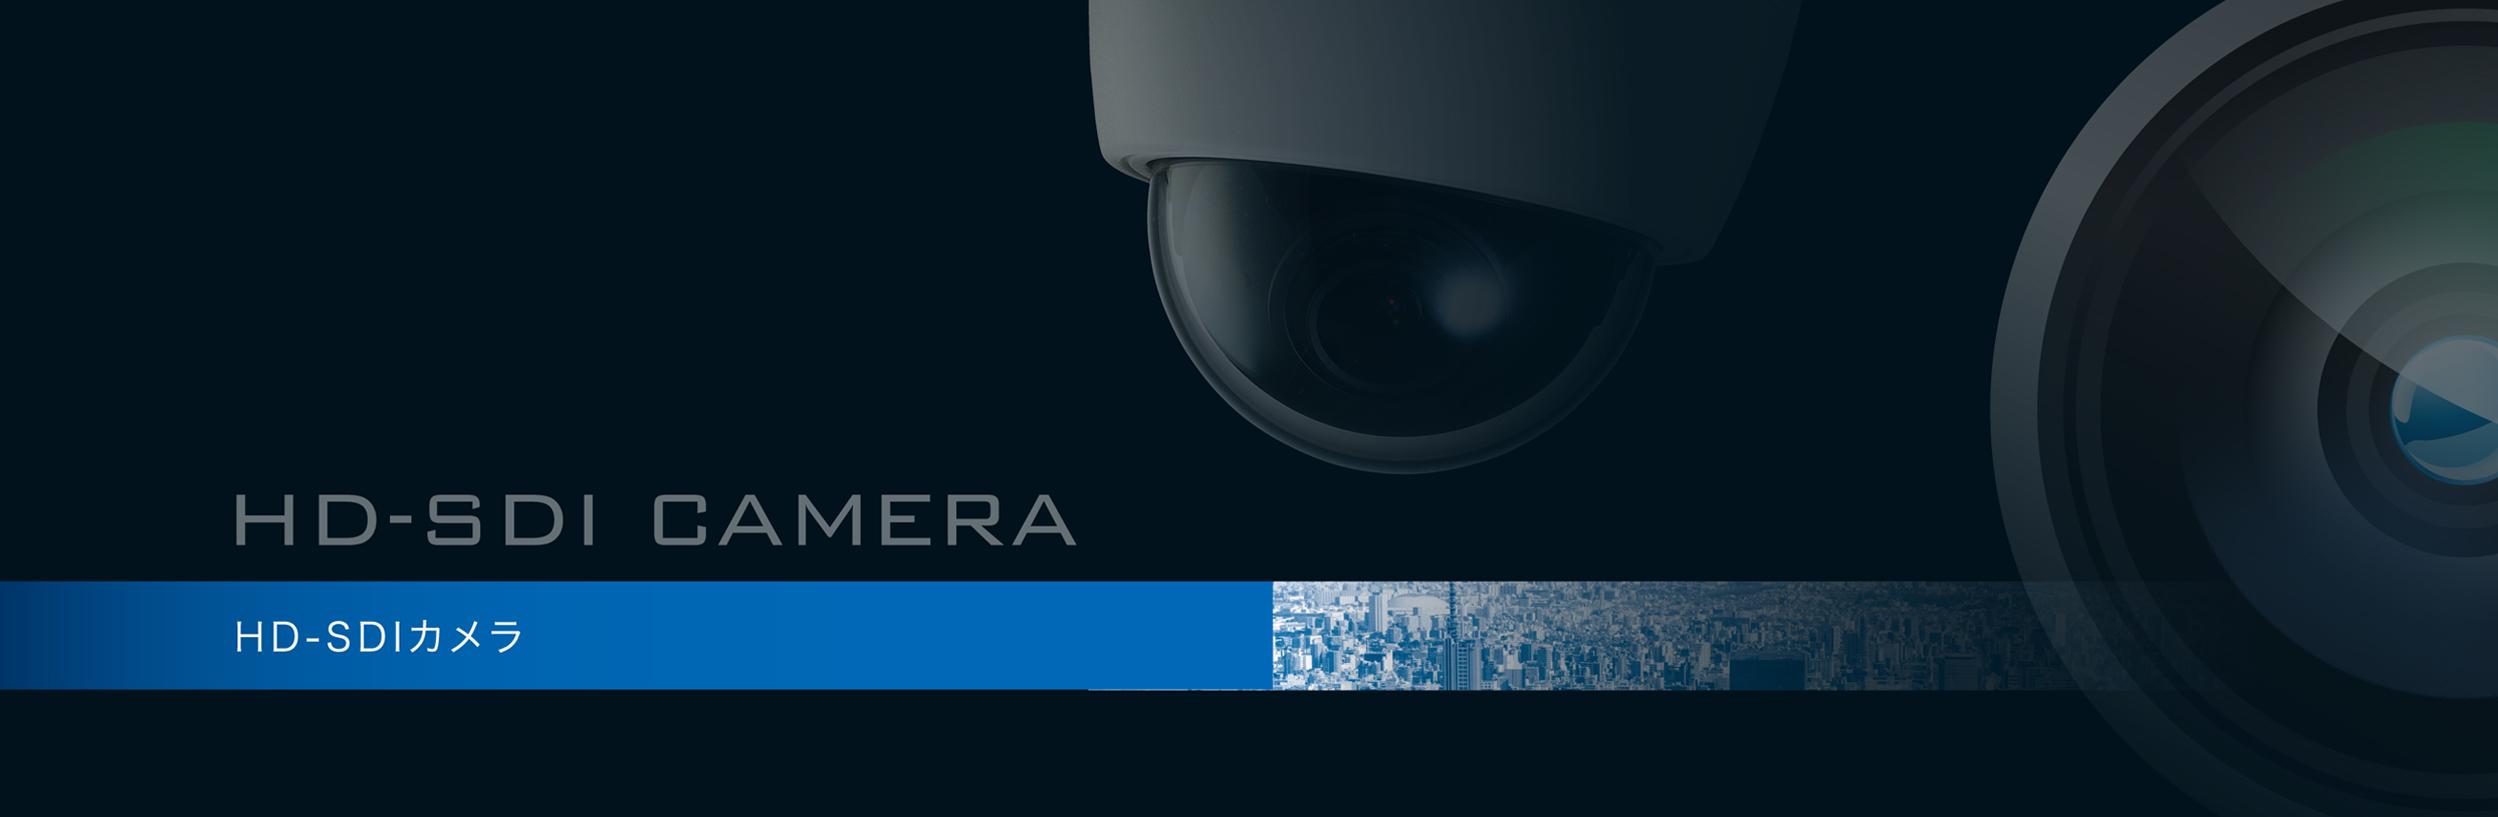 HD-SDIカメラ